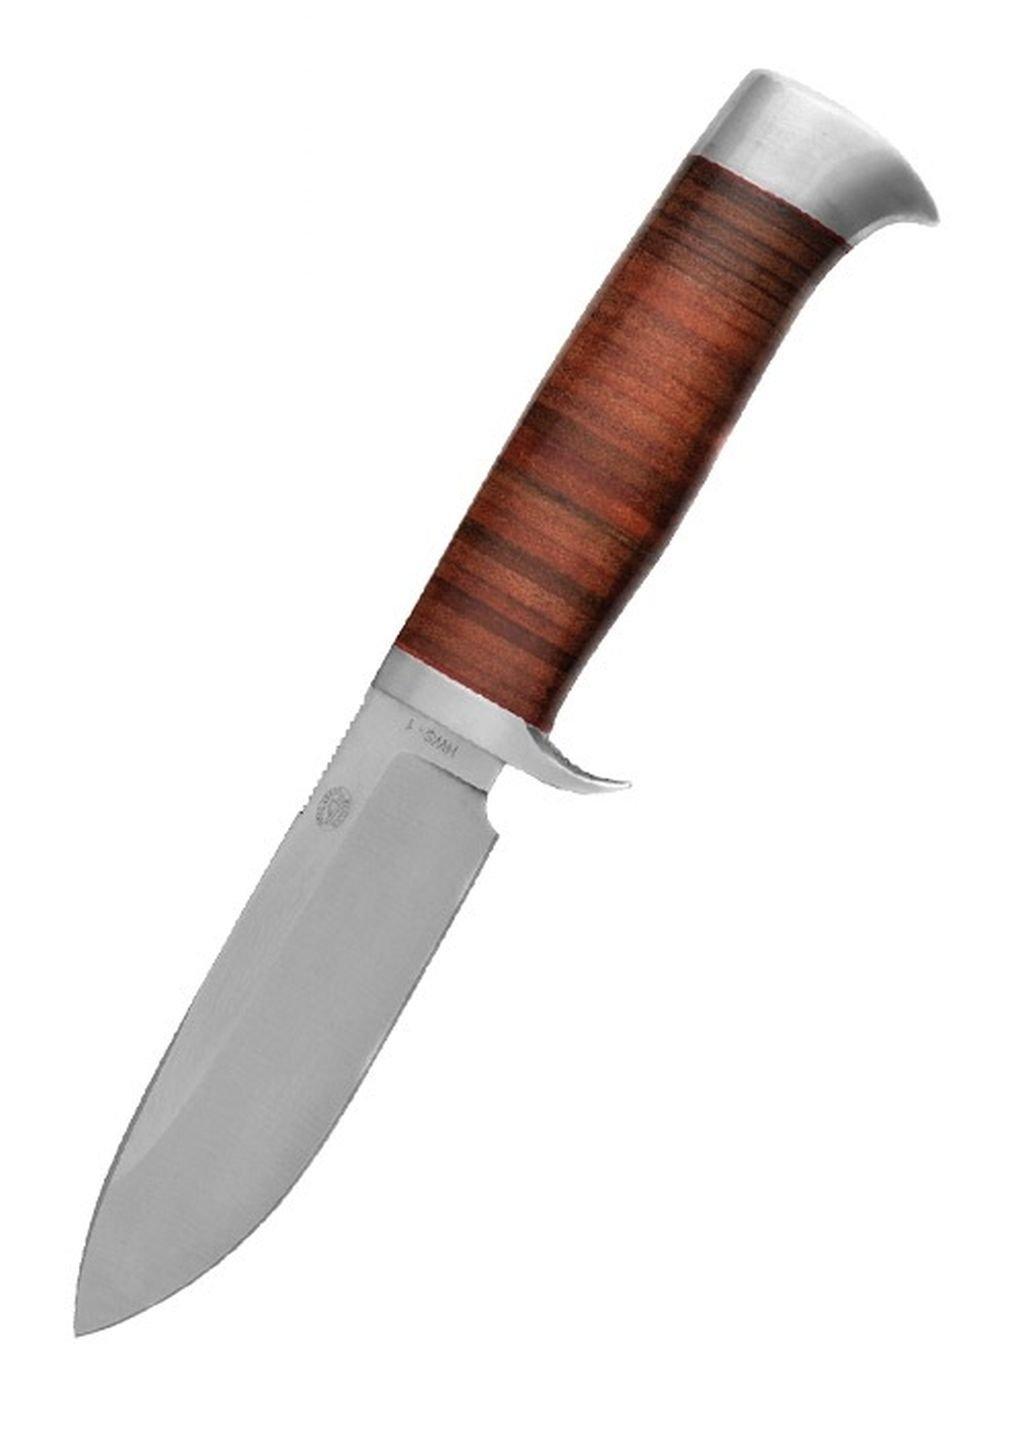 Nyala Messer mit Drop-Point-Klinge und Lederlamellengriff Nyalamesser Taschenmesser